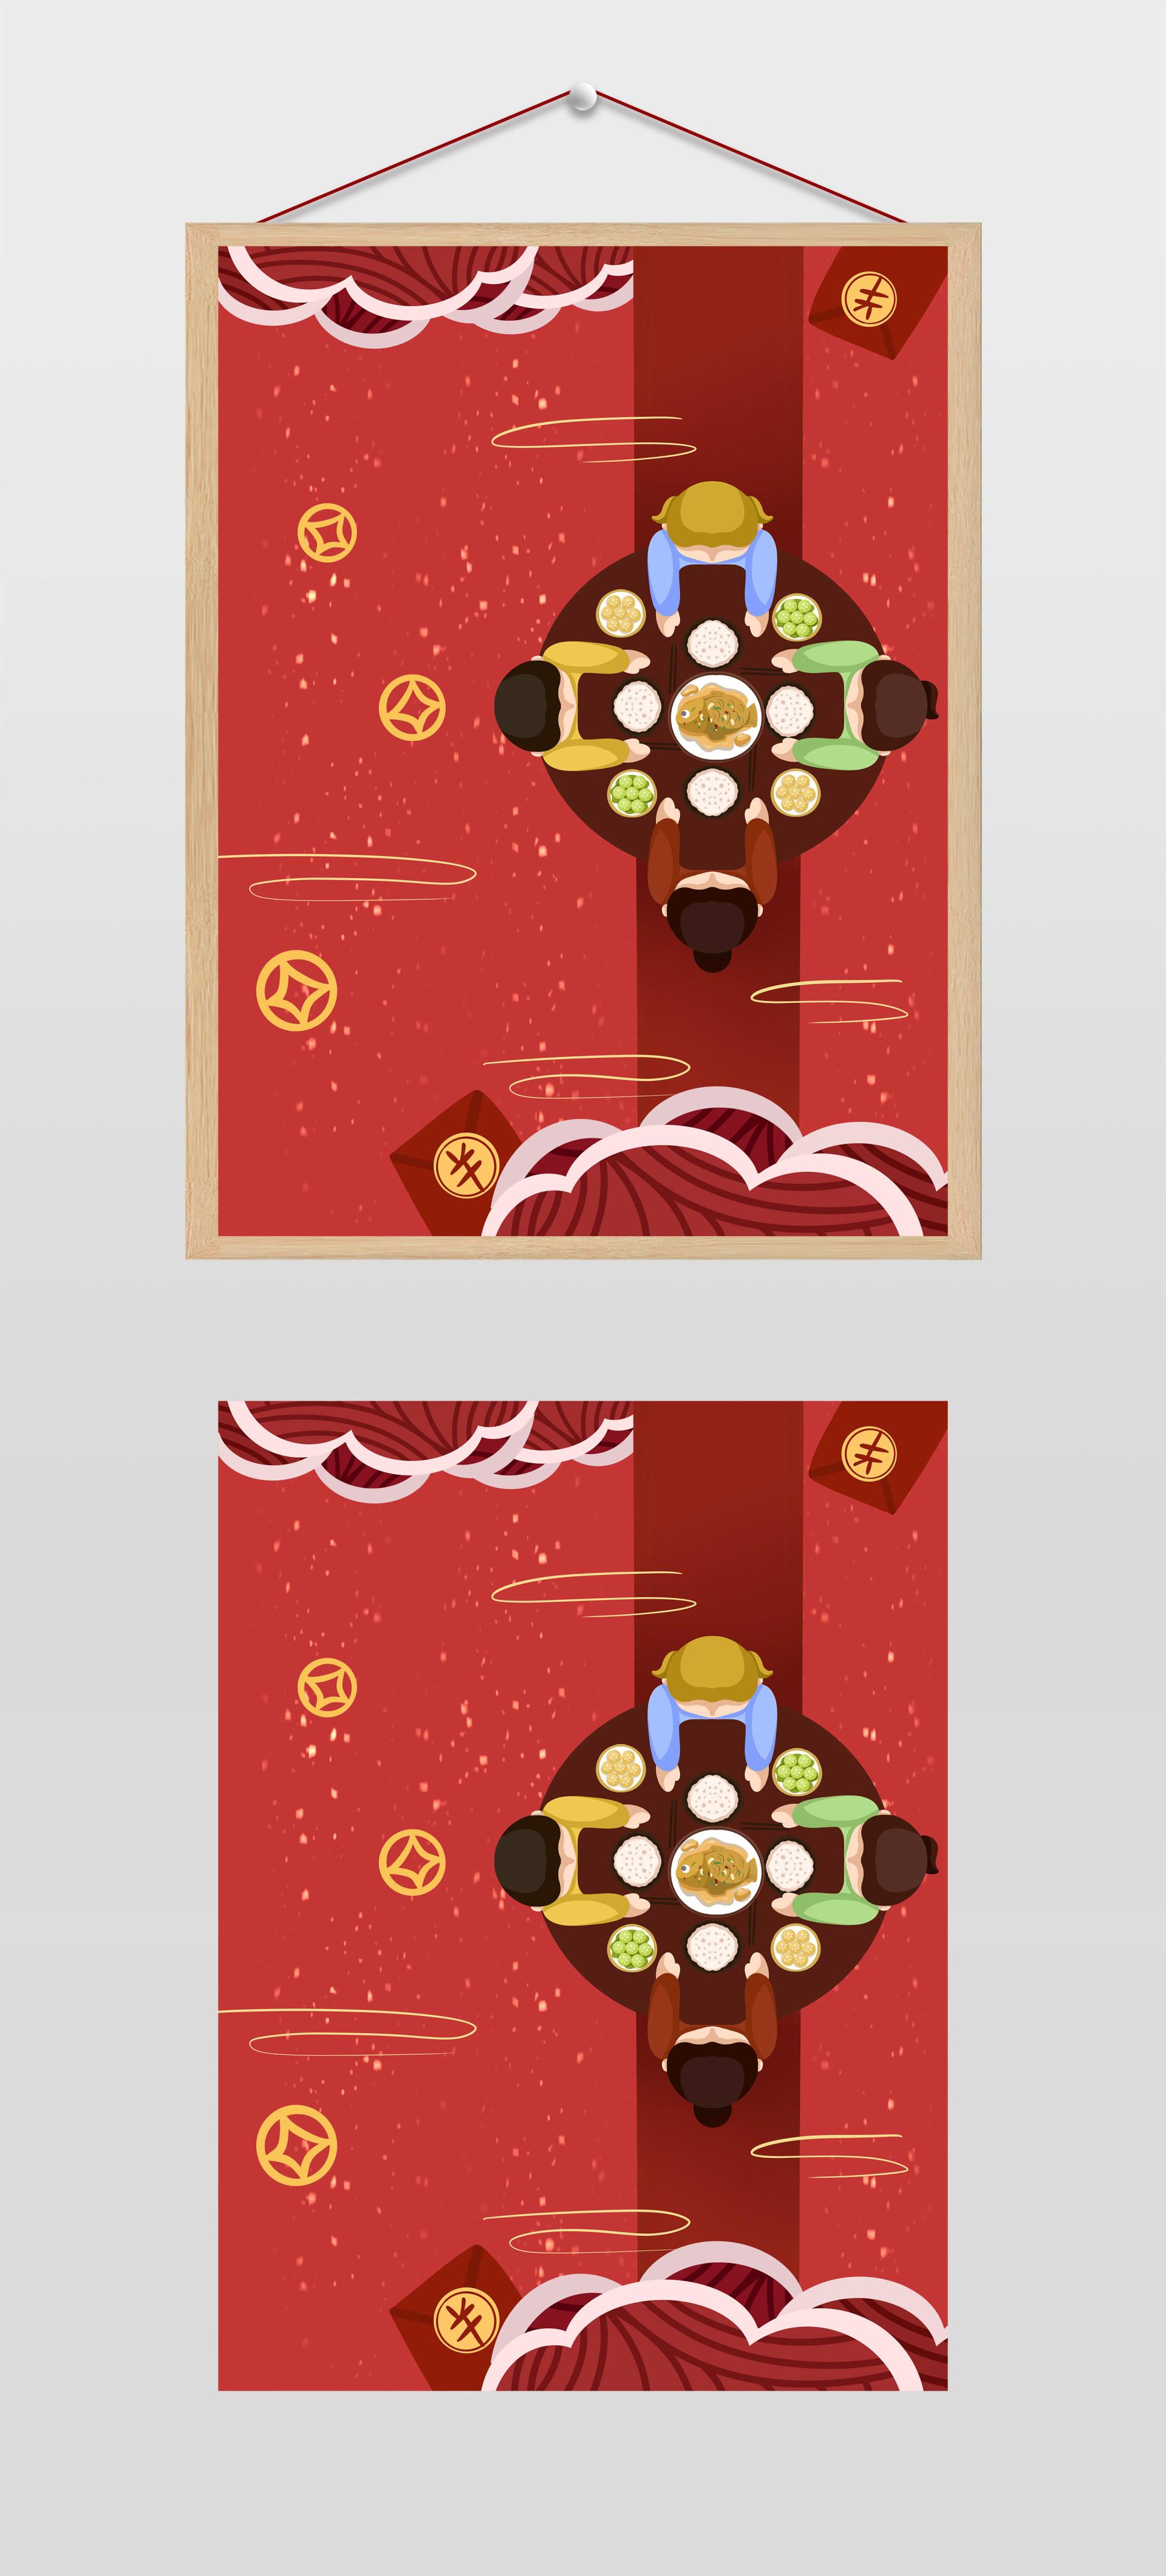 年夜饭红包聚会插画